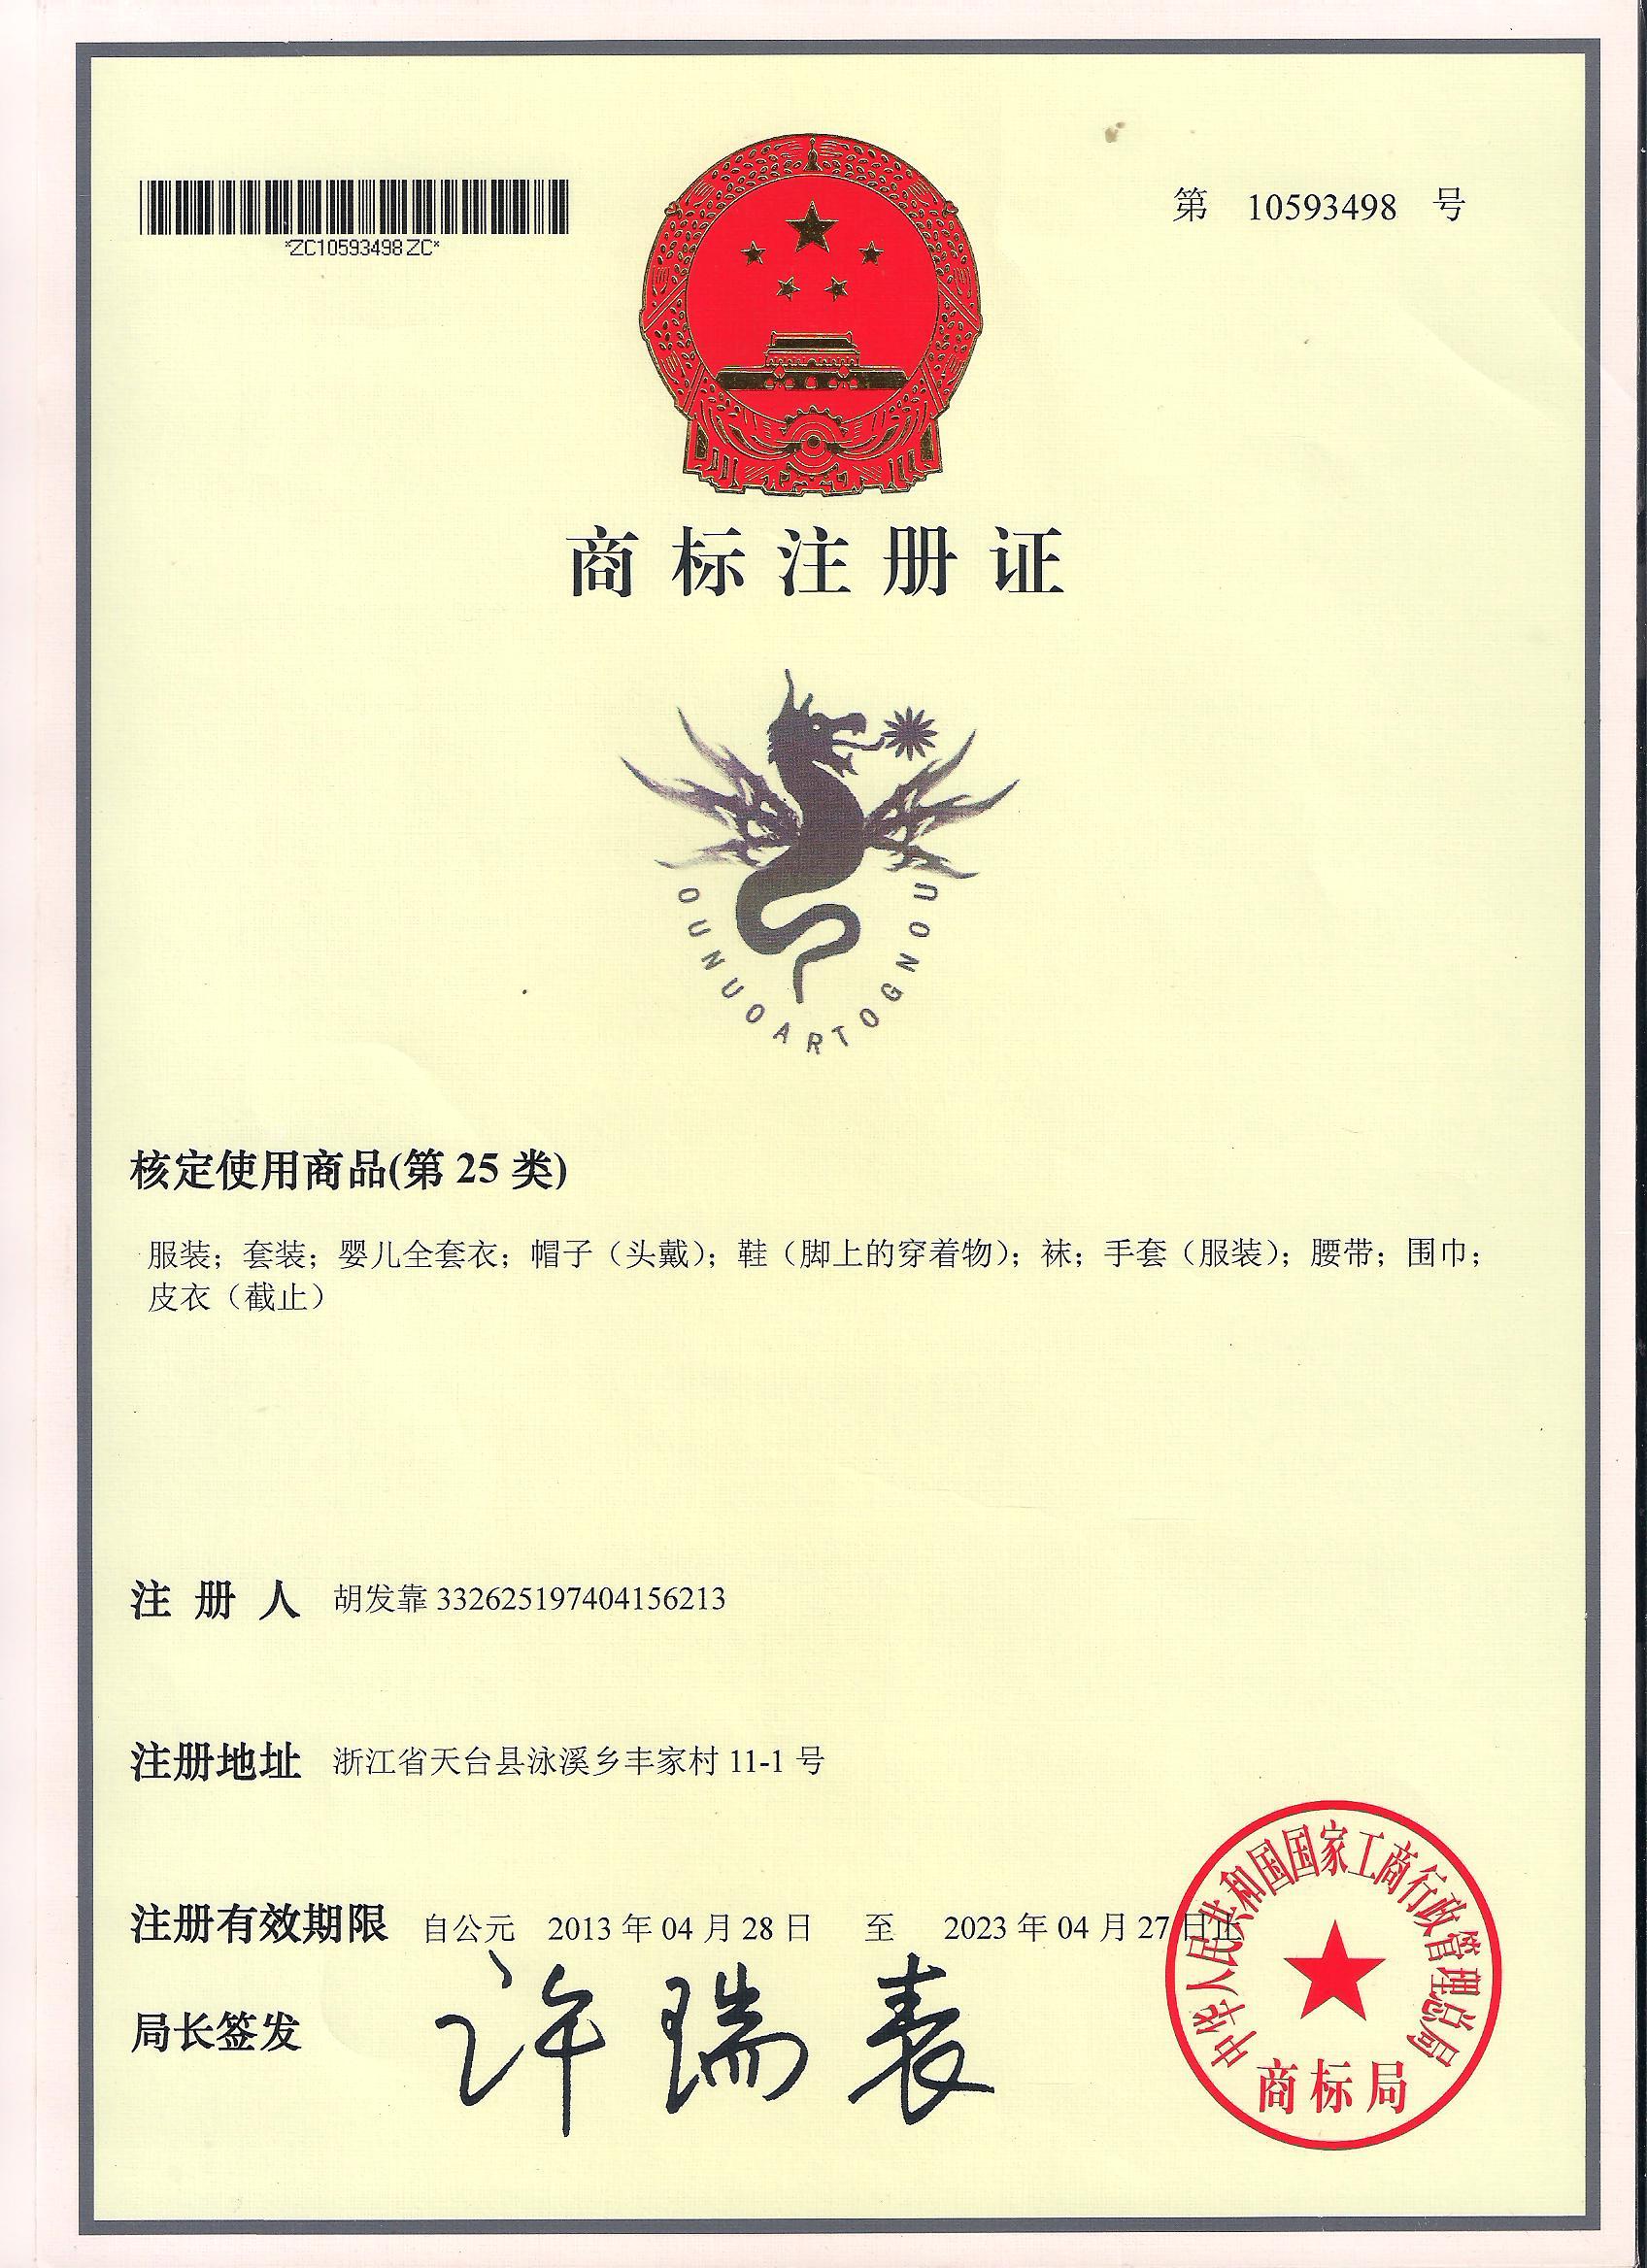 上海亚剑服饰有限公司企业档案